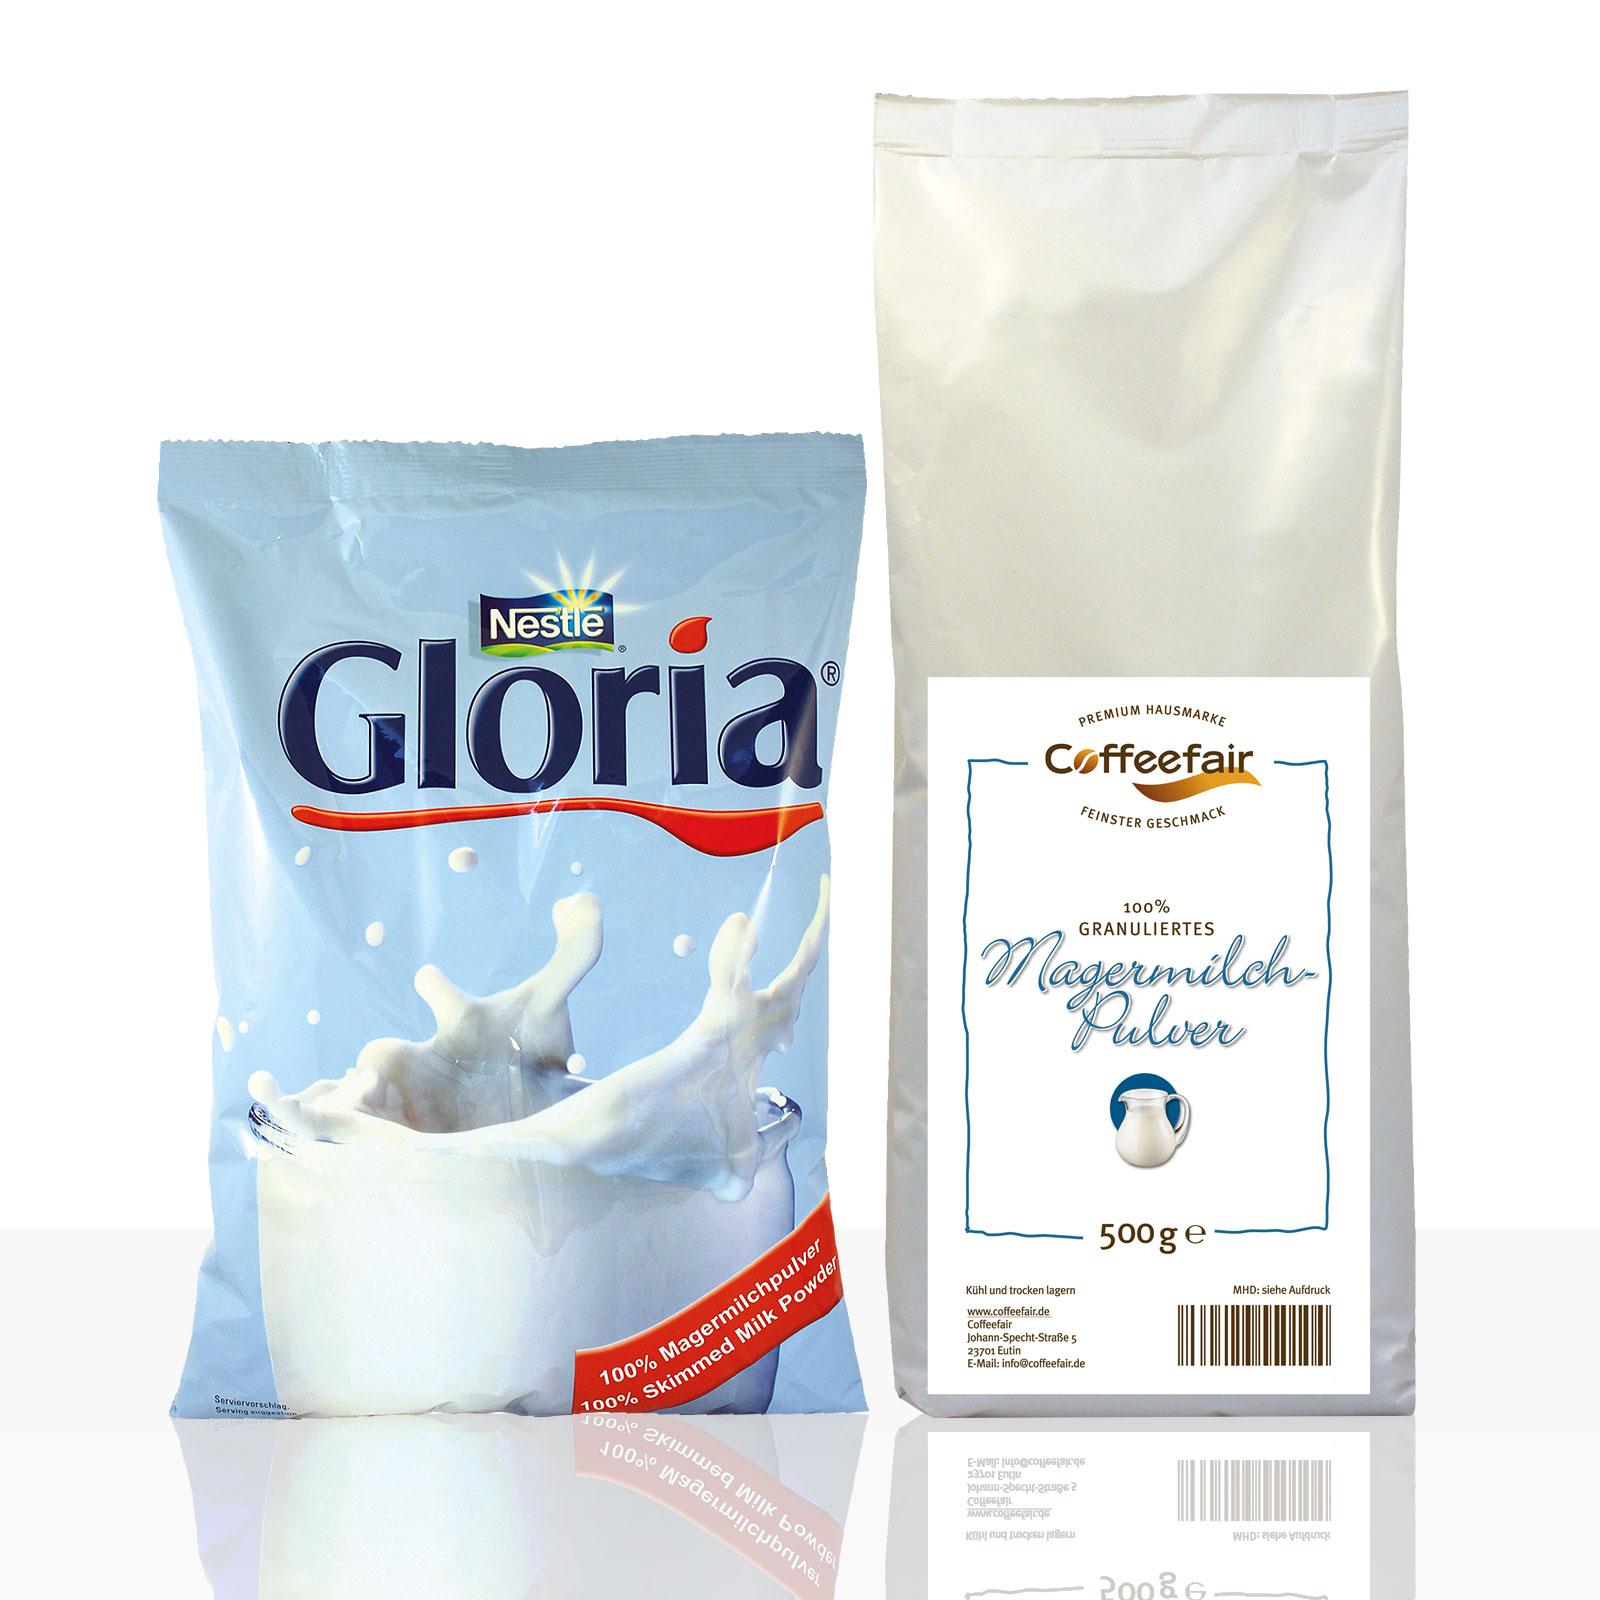 Nestle Gloria Magermilchpulver 10 x 500g + Coffeefair Magermilchpulver 10 x 500g